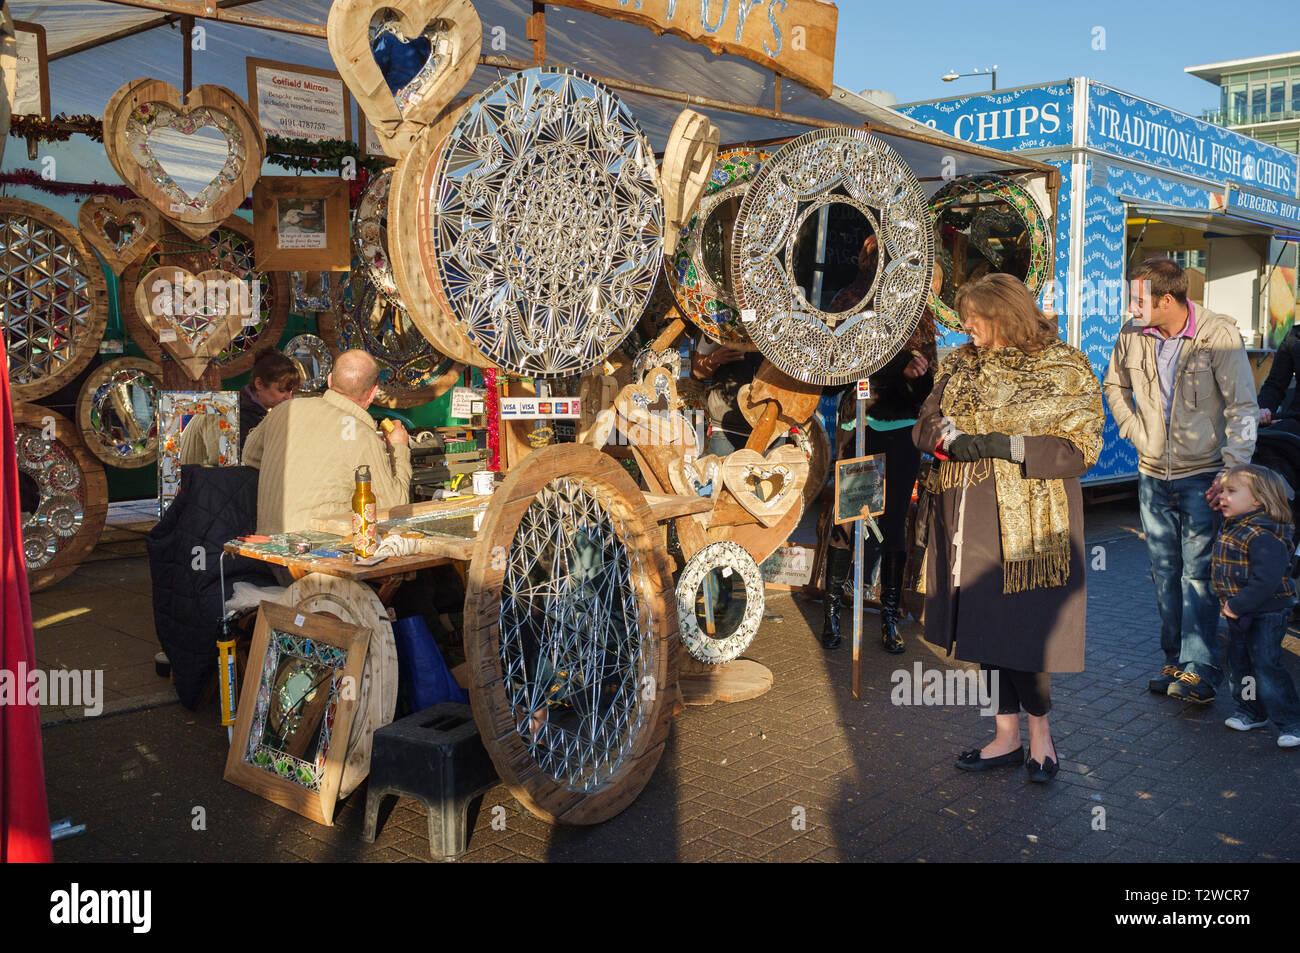 Los compradores de vidrio y espejos decorativos de visualización en venta a un puesto en el mercado en el Quayside mercado dominical en Newcastle upon Tyne Imagen De Stock